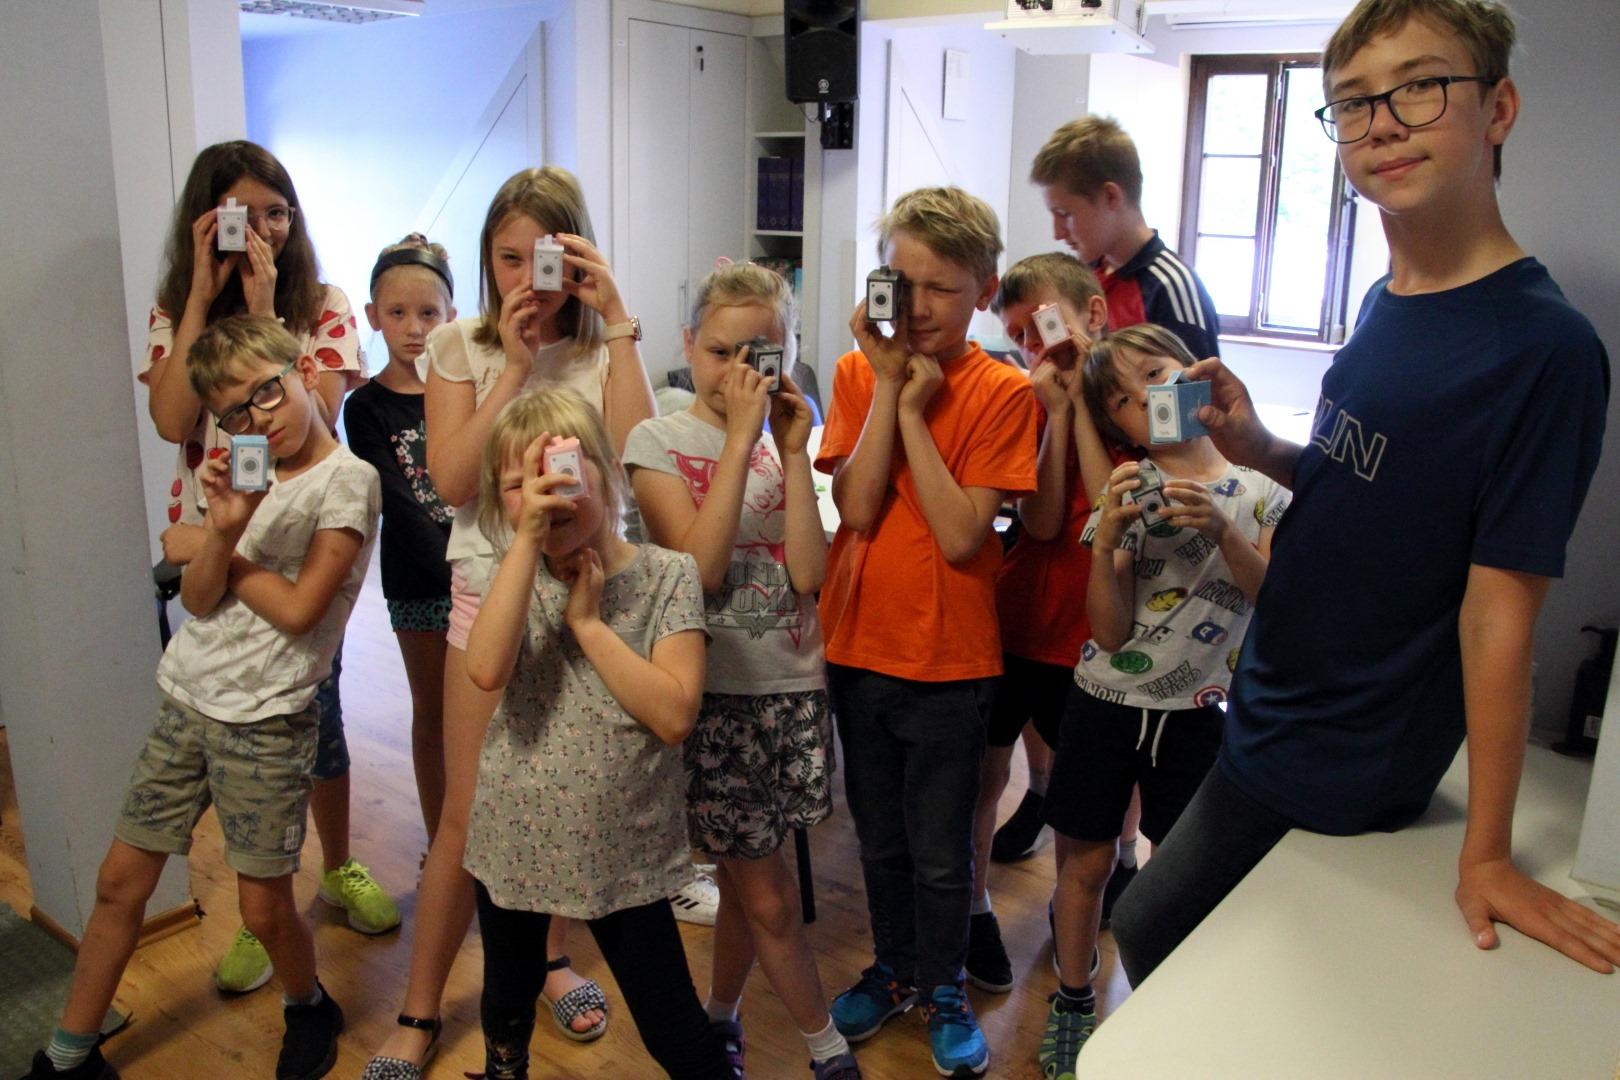 na zdjęciu grupa dzieci trzymająca zrobione z kartony aparaty fotograficzne